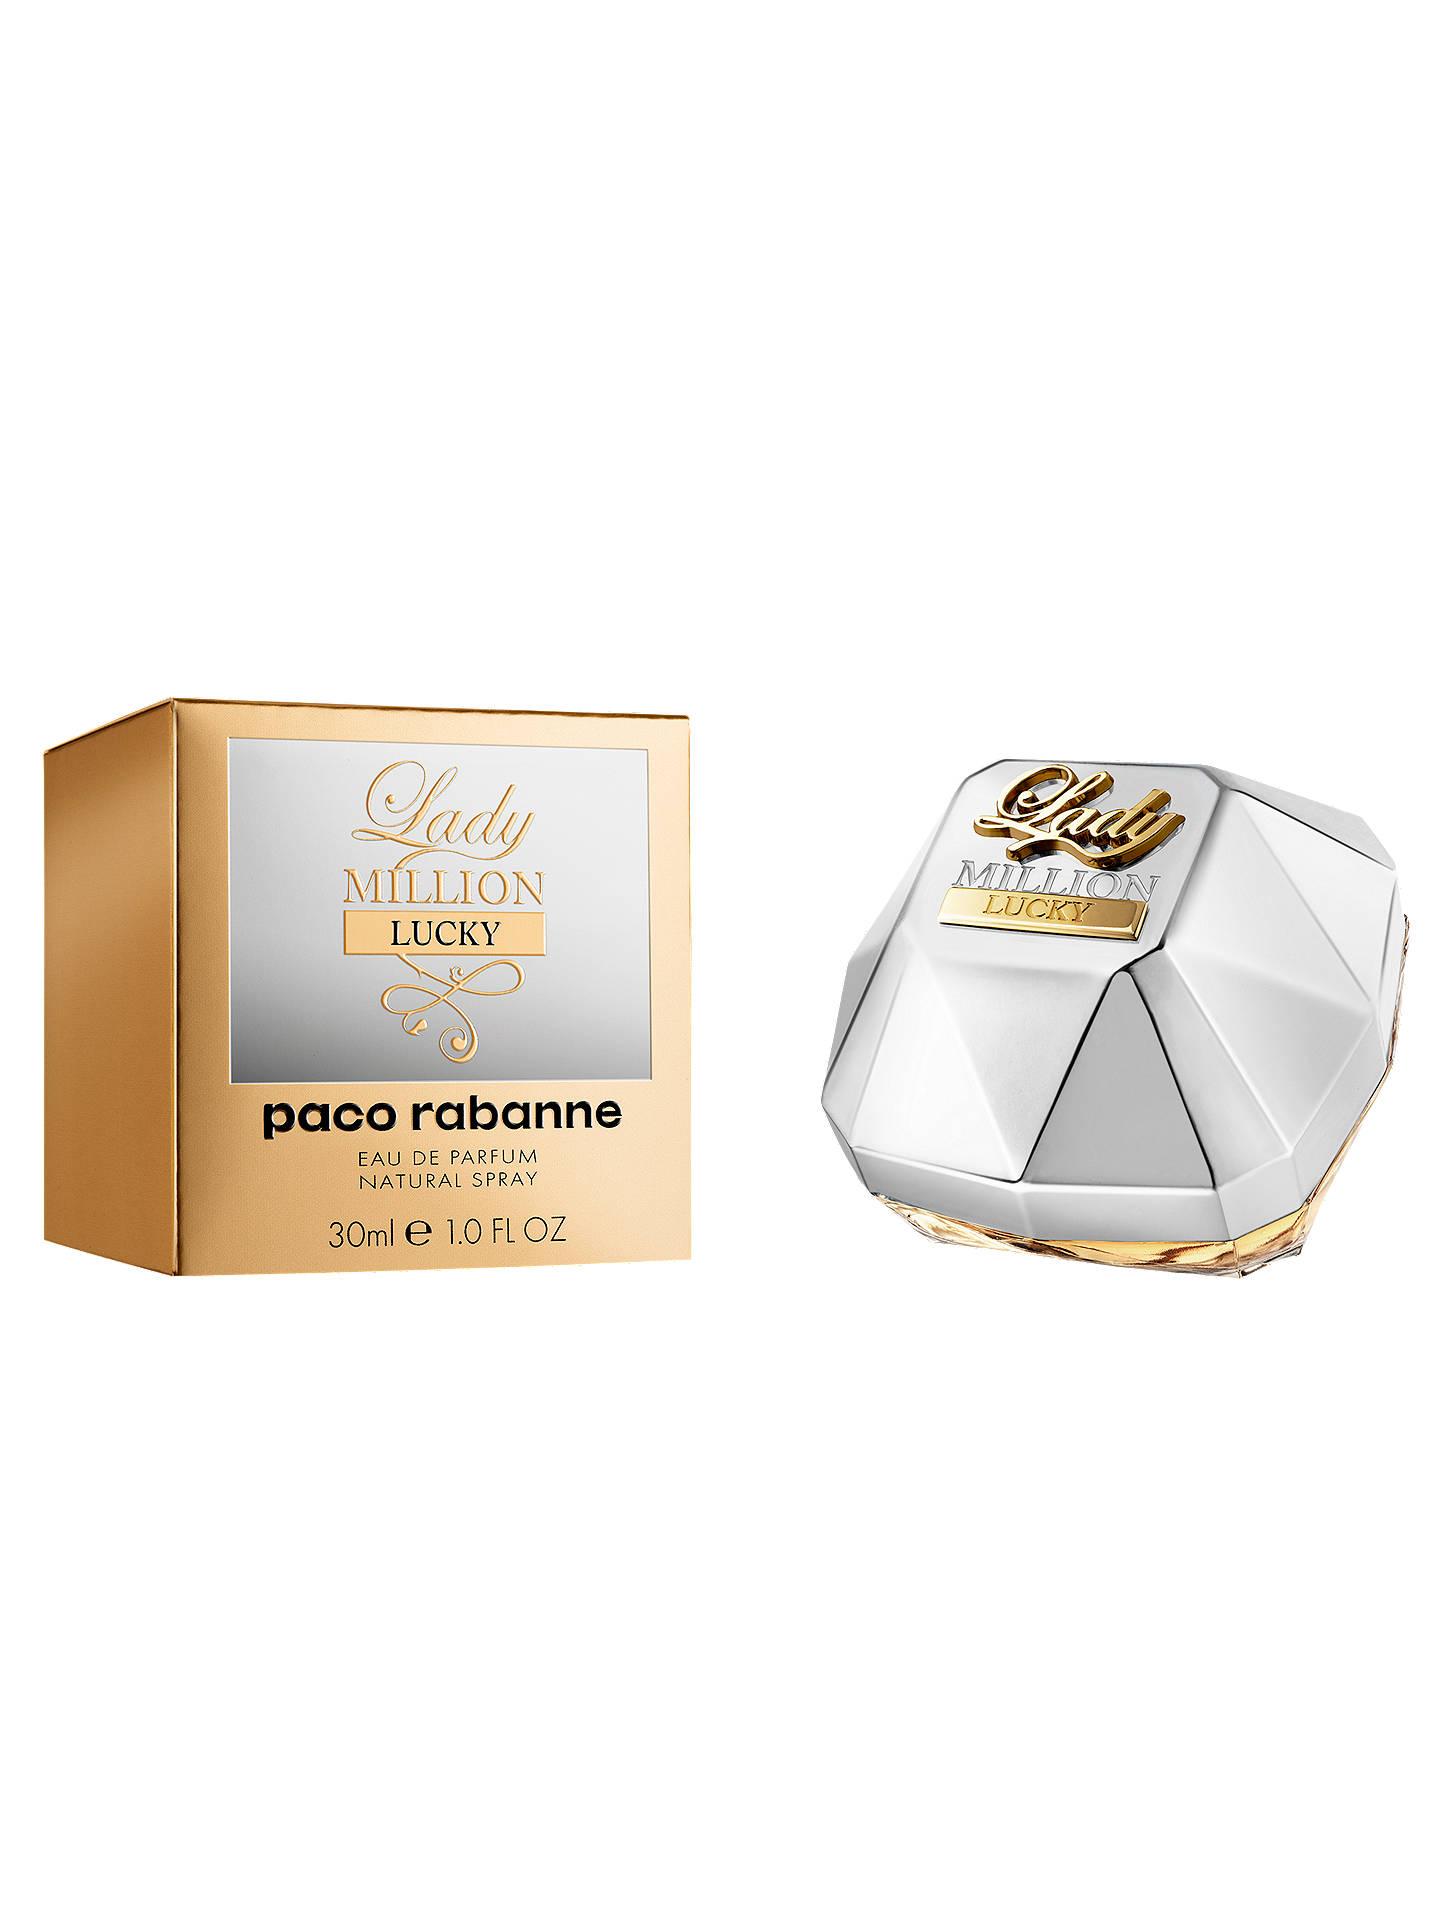 82be02b1c7e03 Paco Rabanne Lady Million Lucky Eau de Parfum at John Lewis   Partners